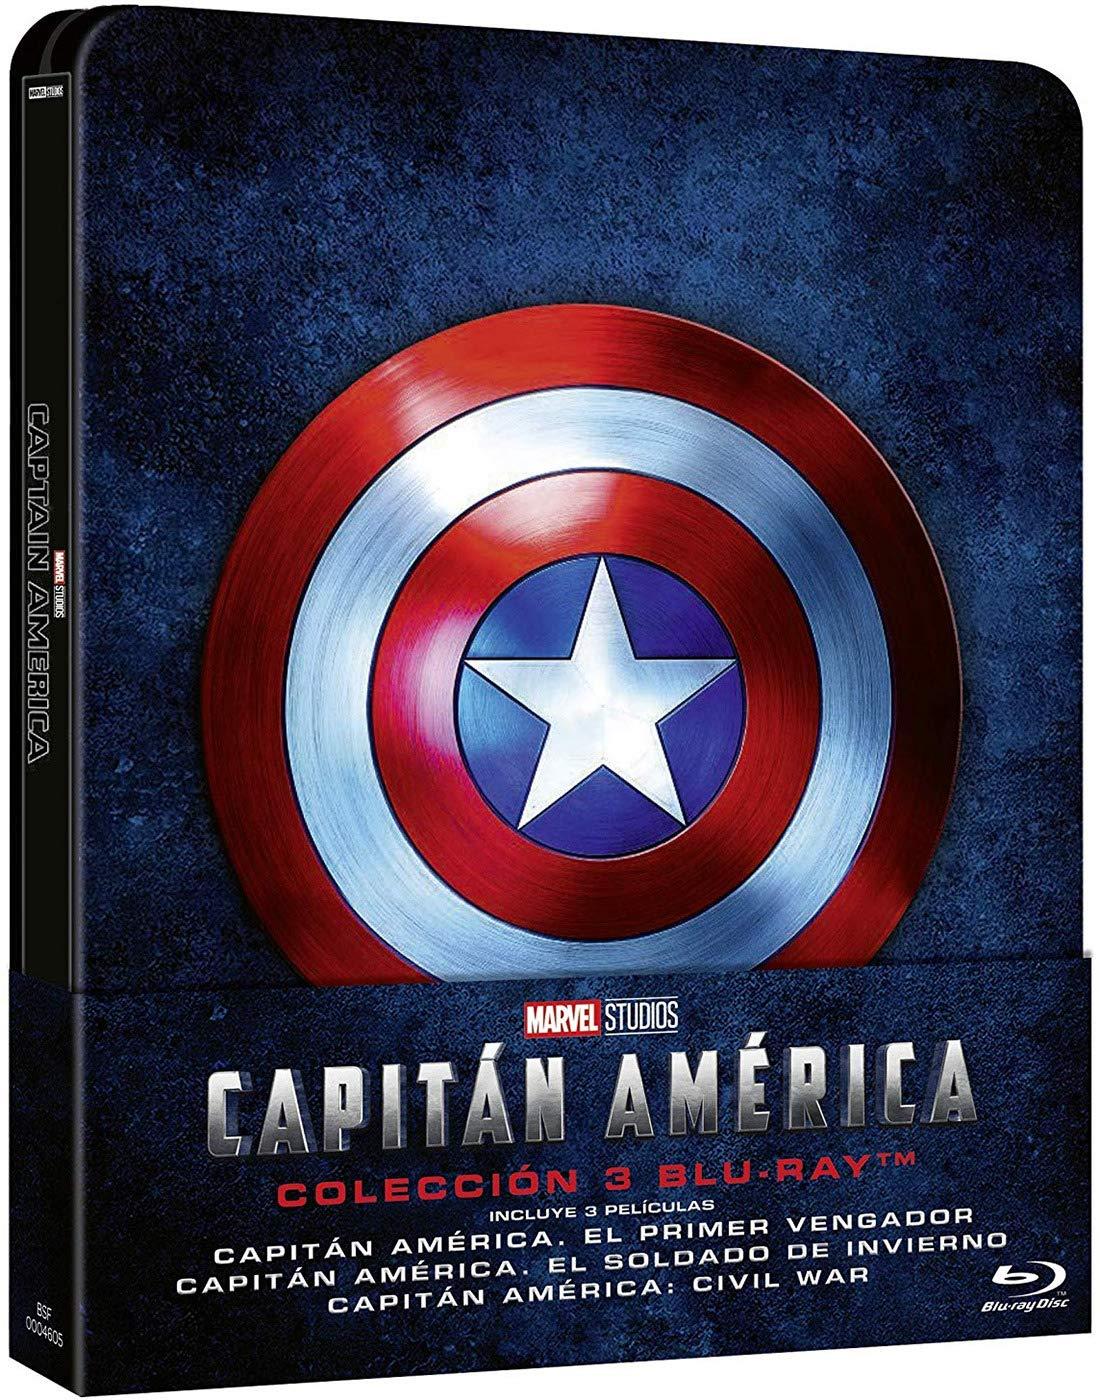 Steelbook Trilogía: Capitán América [Blu-ray]: Amazon.es: Chris ...